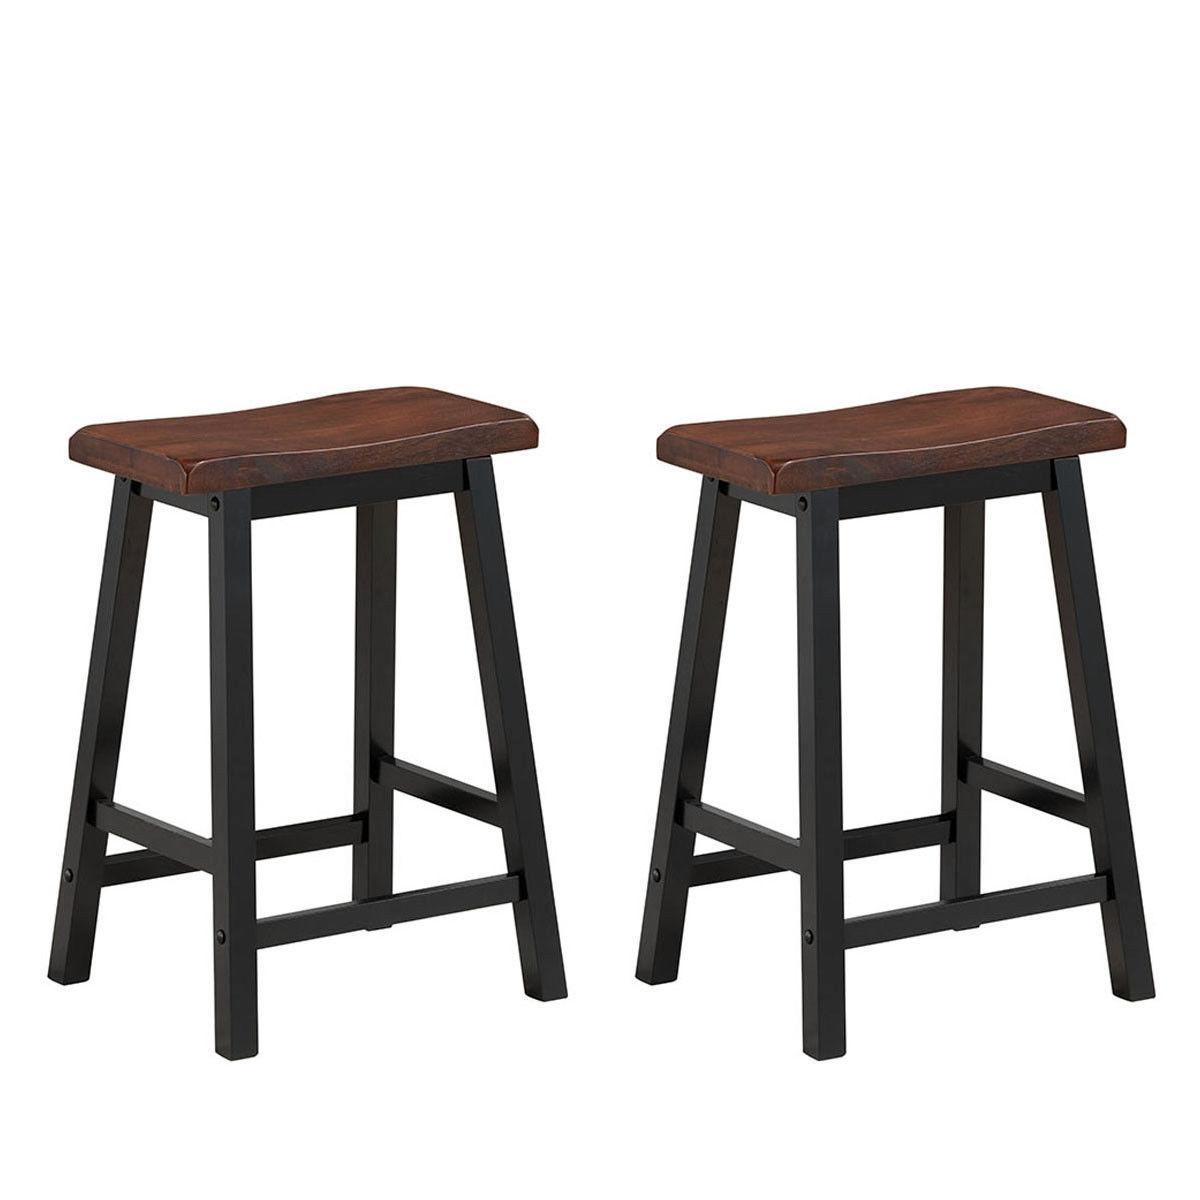 Table Bar Stools